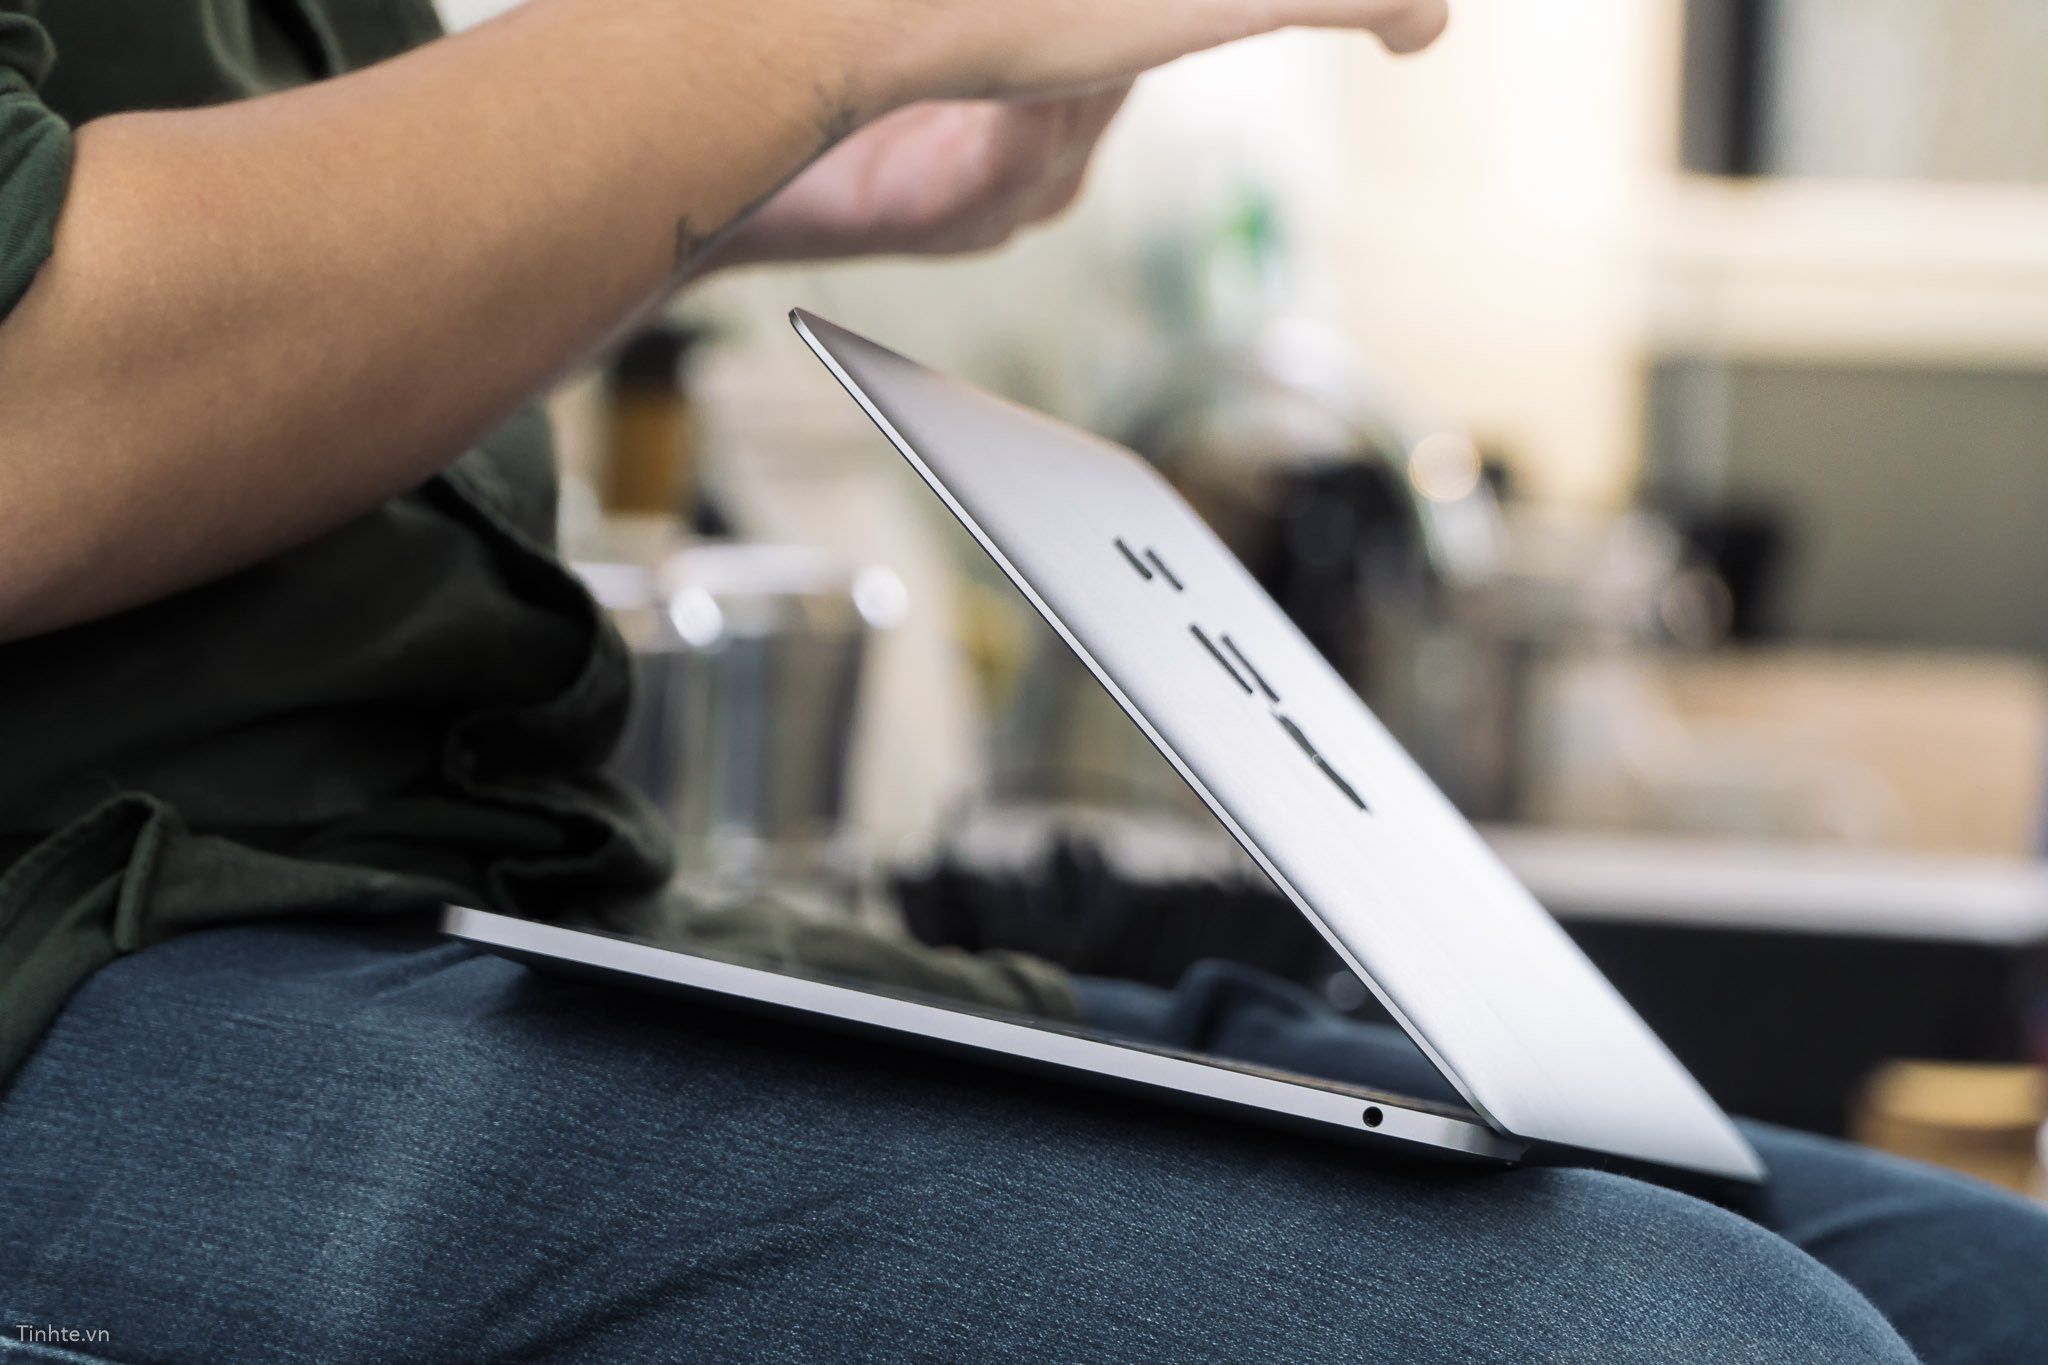 MacBook 2015 và 2017, đâu là lựa chọn tốt nhất?